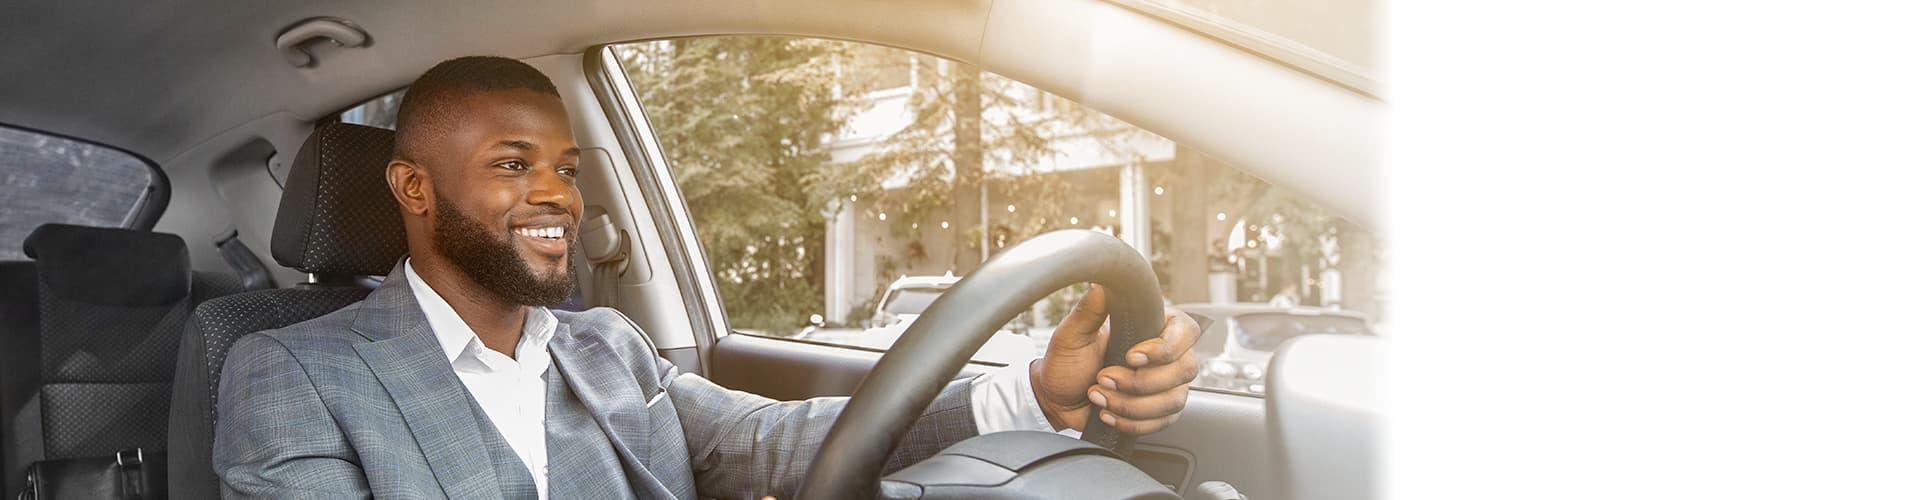 Man wearing gray suit driving car